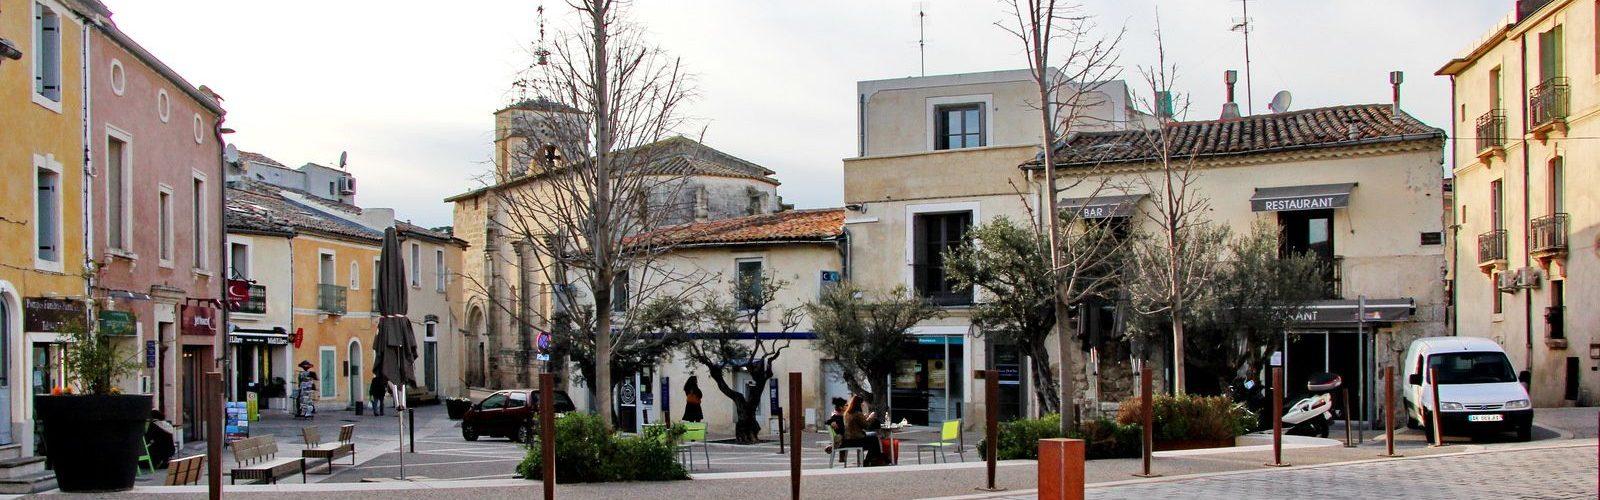 Quartier de la ville de Castelnau-le-Lez